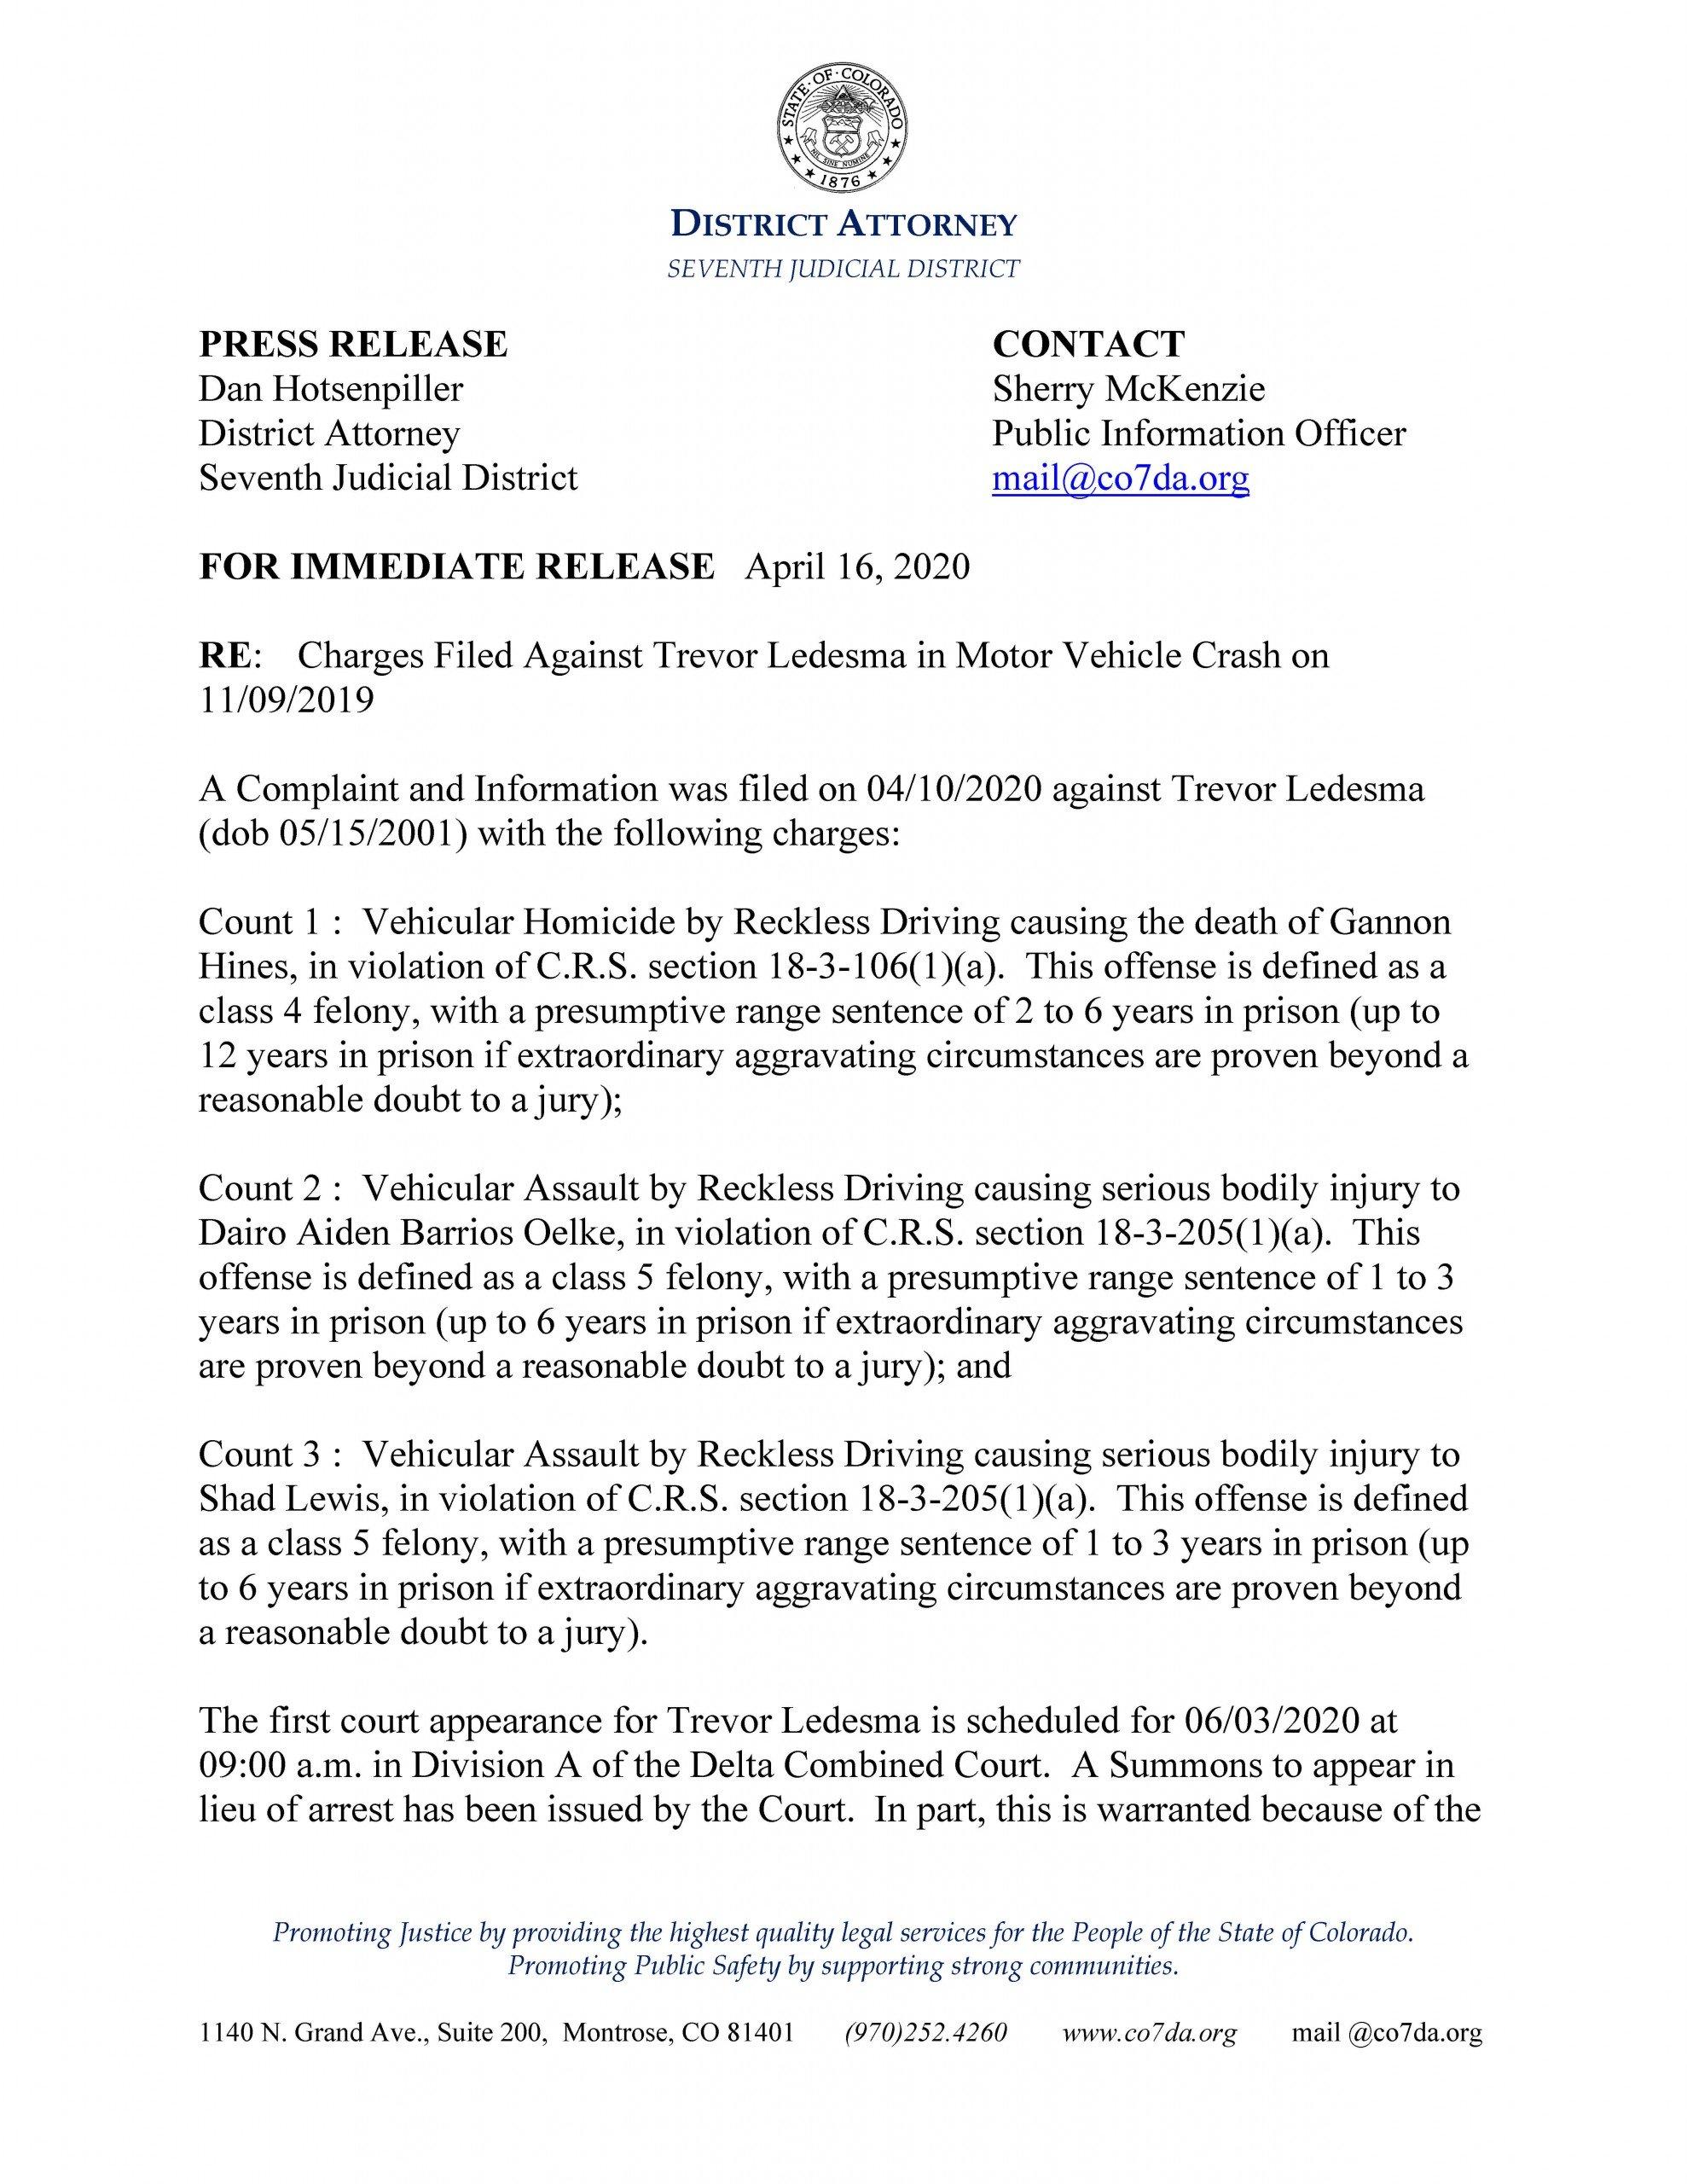 Trevor Ledesma Press Release (page 1)